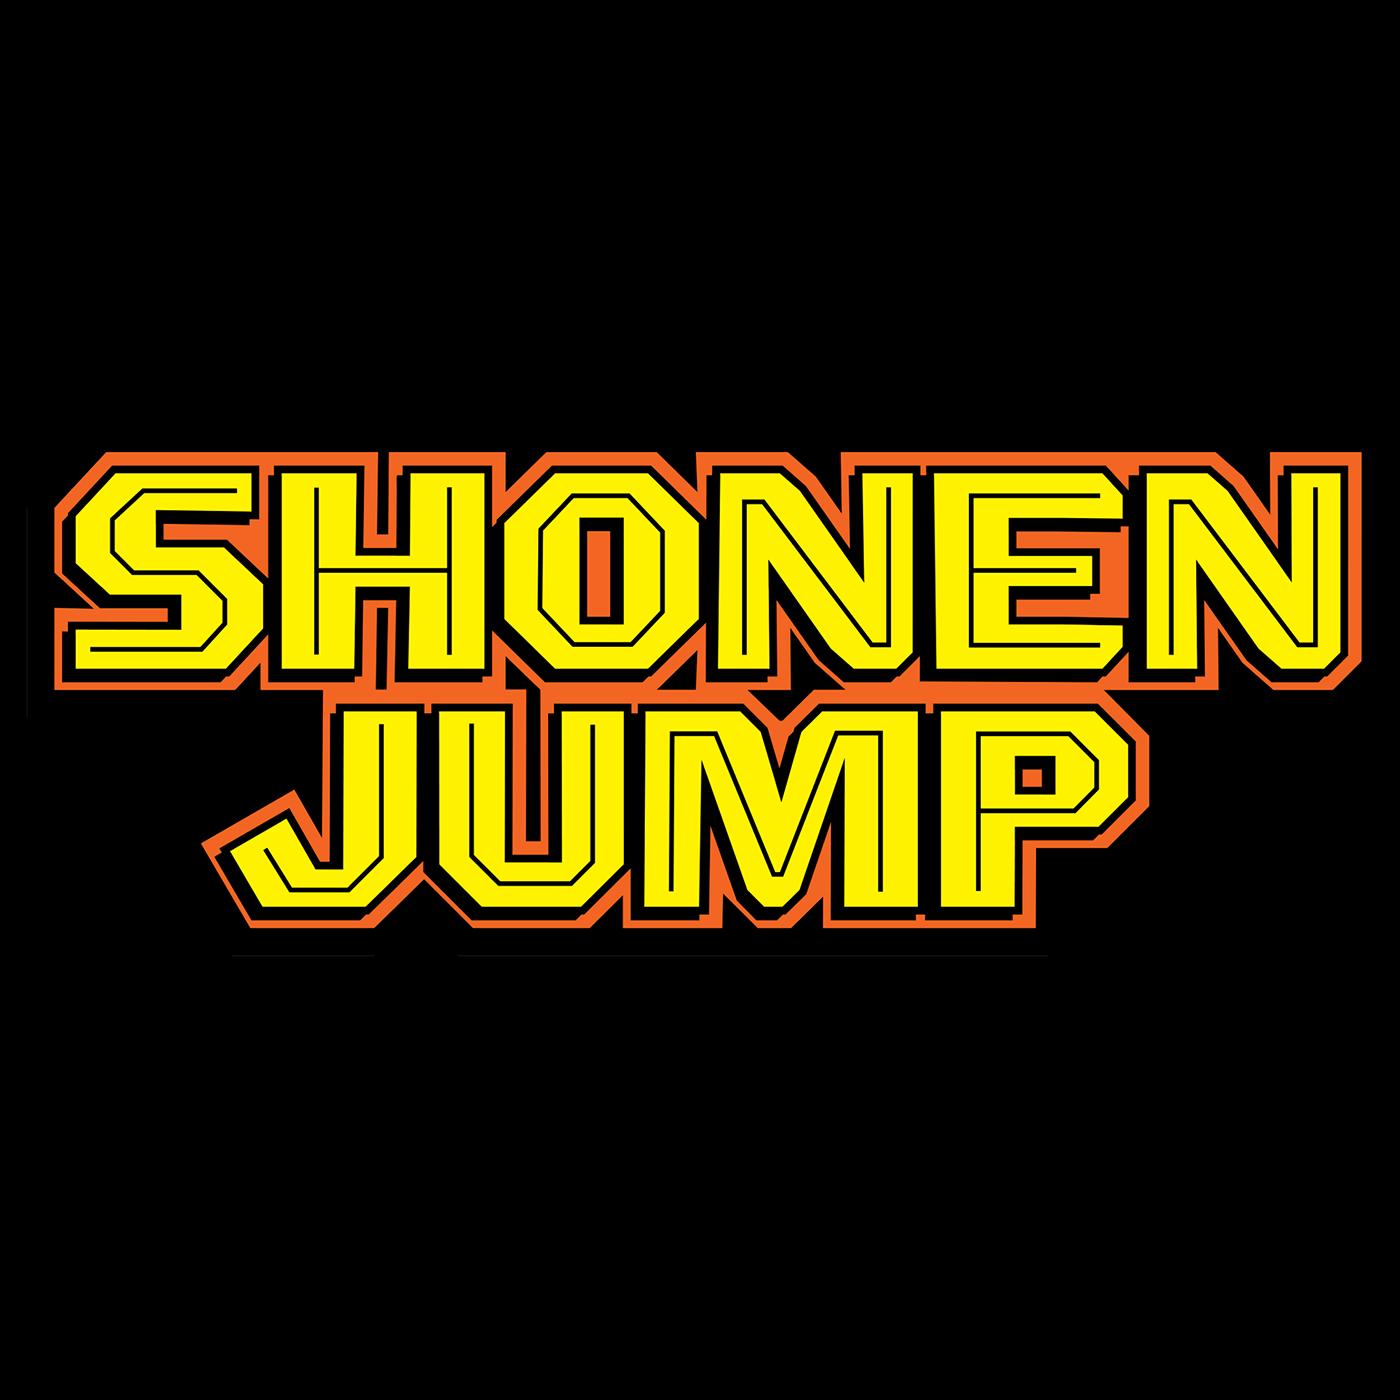 Weekly Shonen Jump Podcast show art